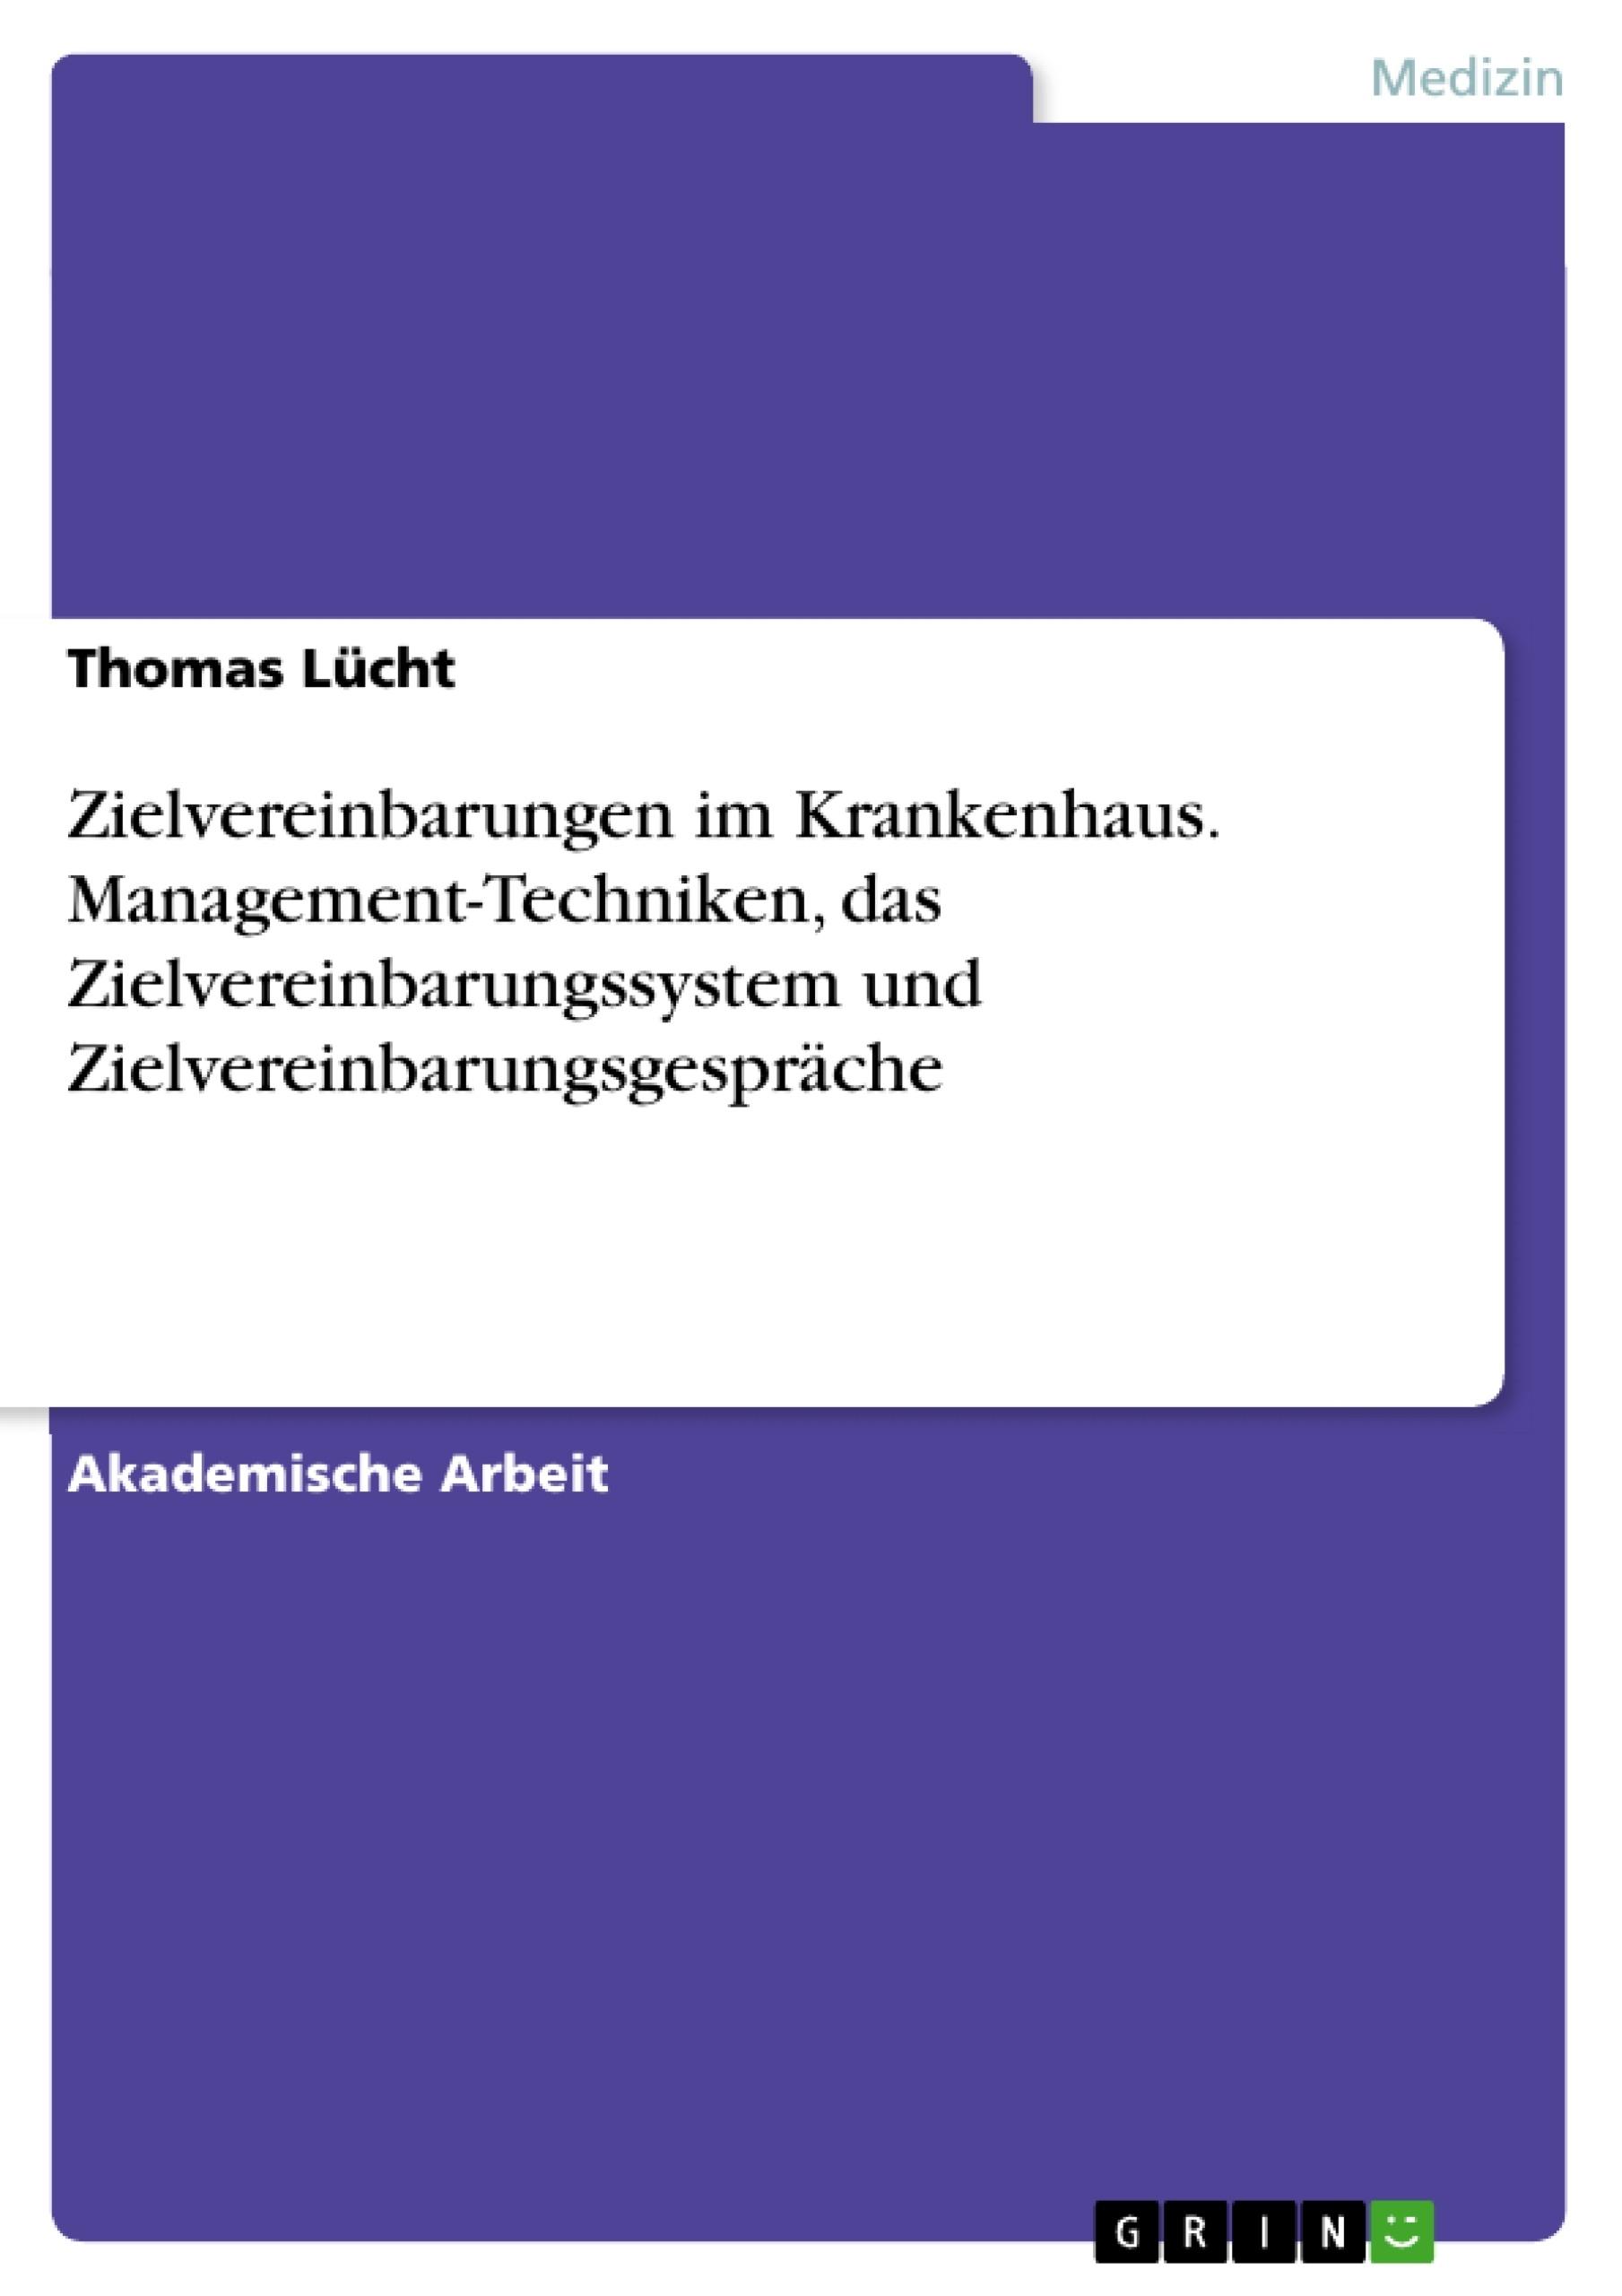 Titel: Zielvereinbarungen im Krankenhaus. Management-Techniken, das Zielvereinbarungssystem und Zielvereinbarungsgespräche